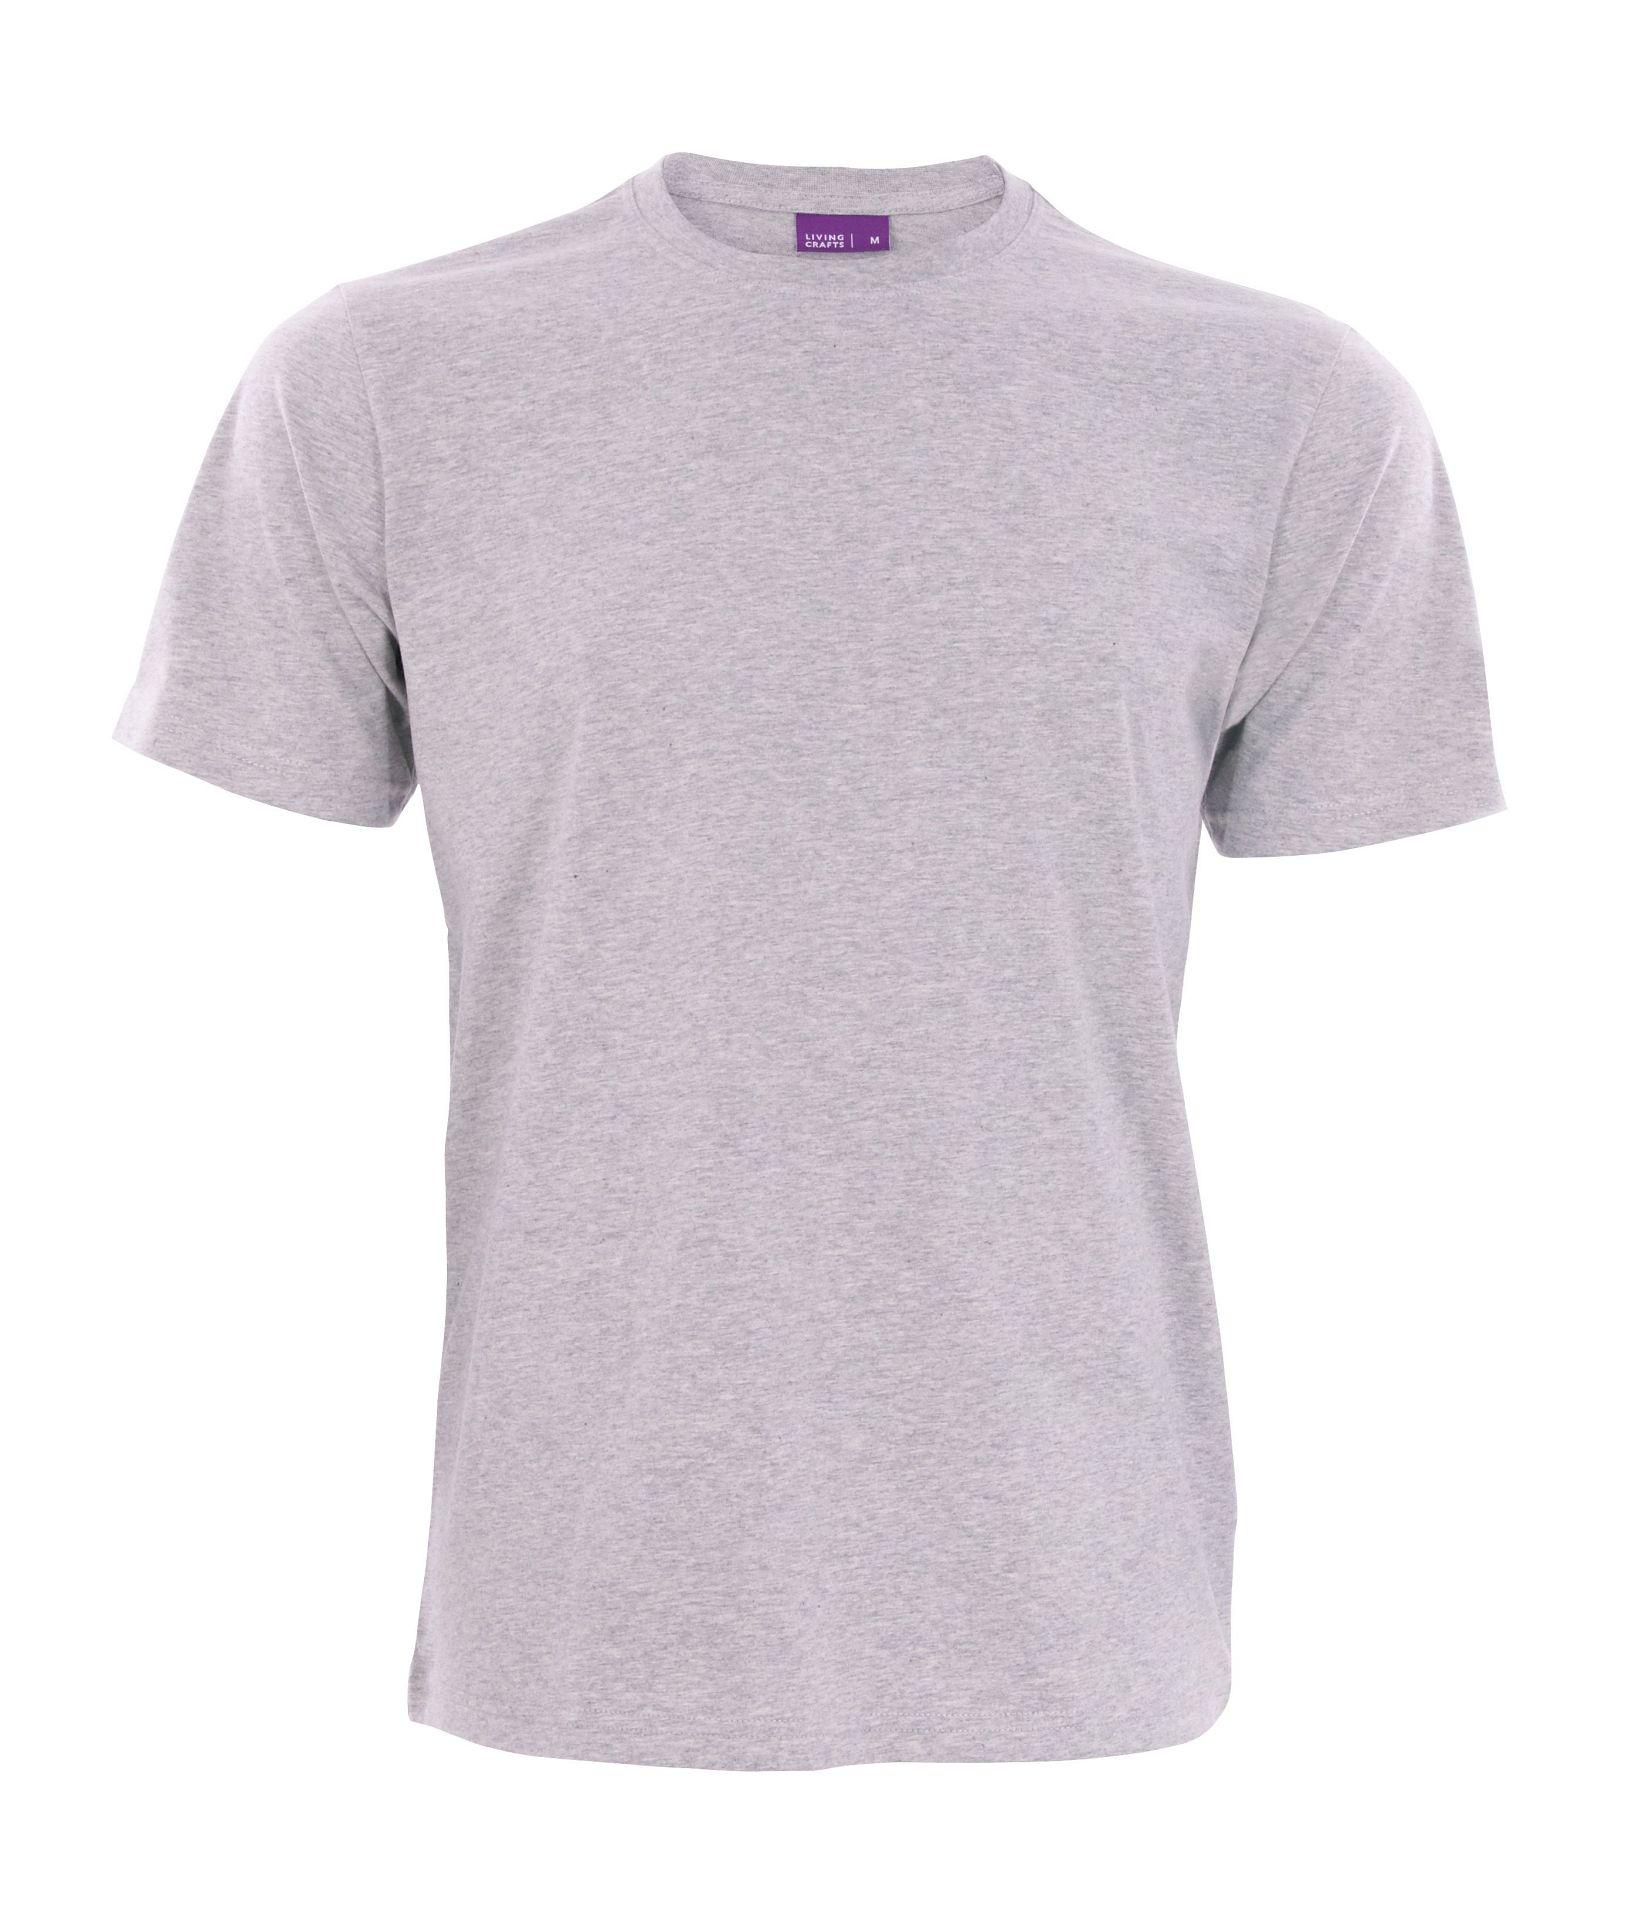 622915b62590b7 Vorschau  Bio T-Shirt mit Rundhalsausschnitt in grau ...